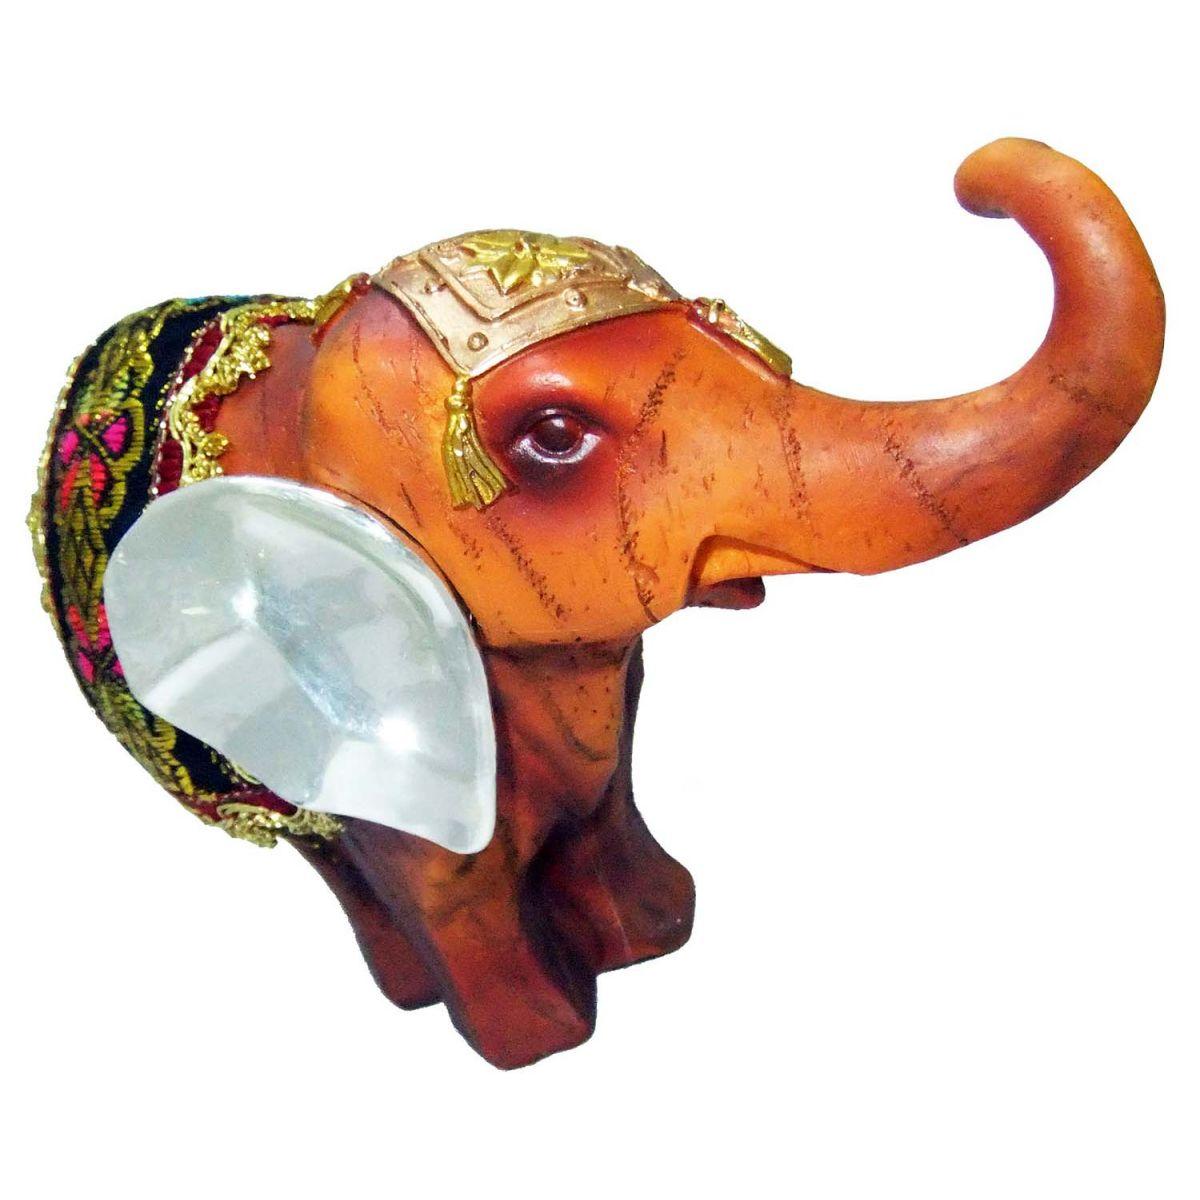 Elefante Indiano Estatueta Enfeite Laranja Tapete Vinho (5024)